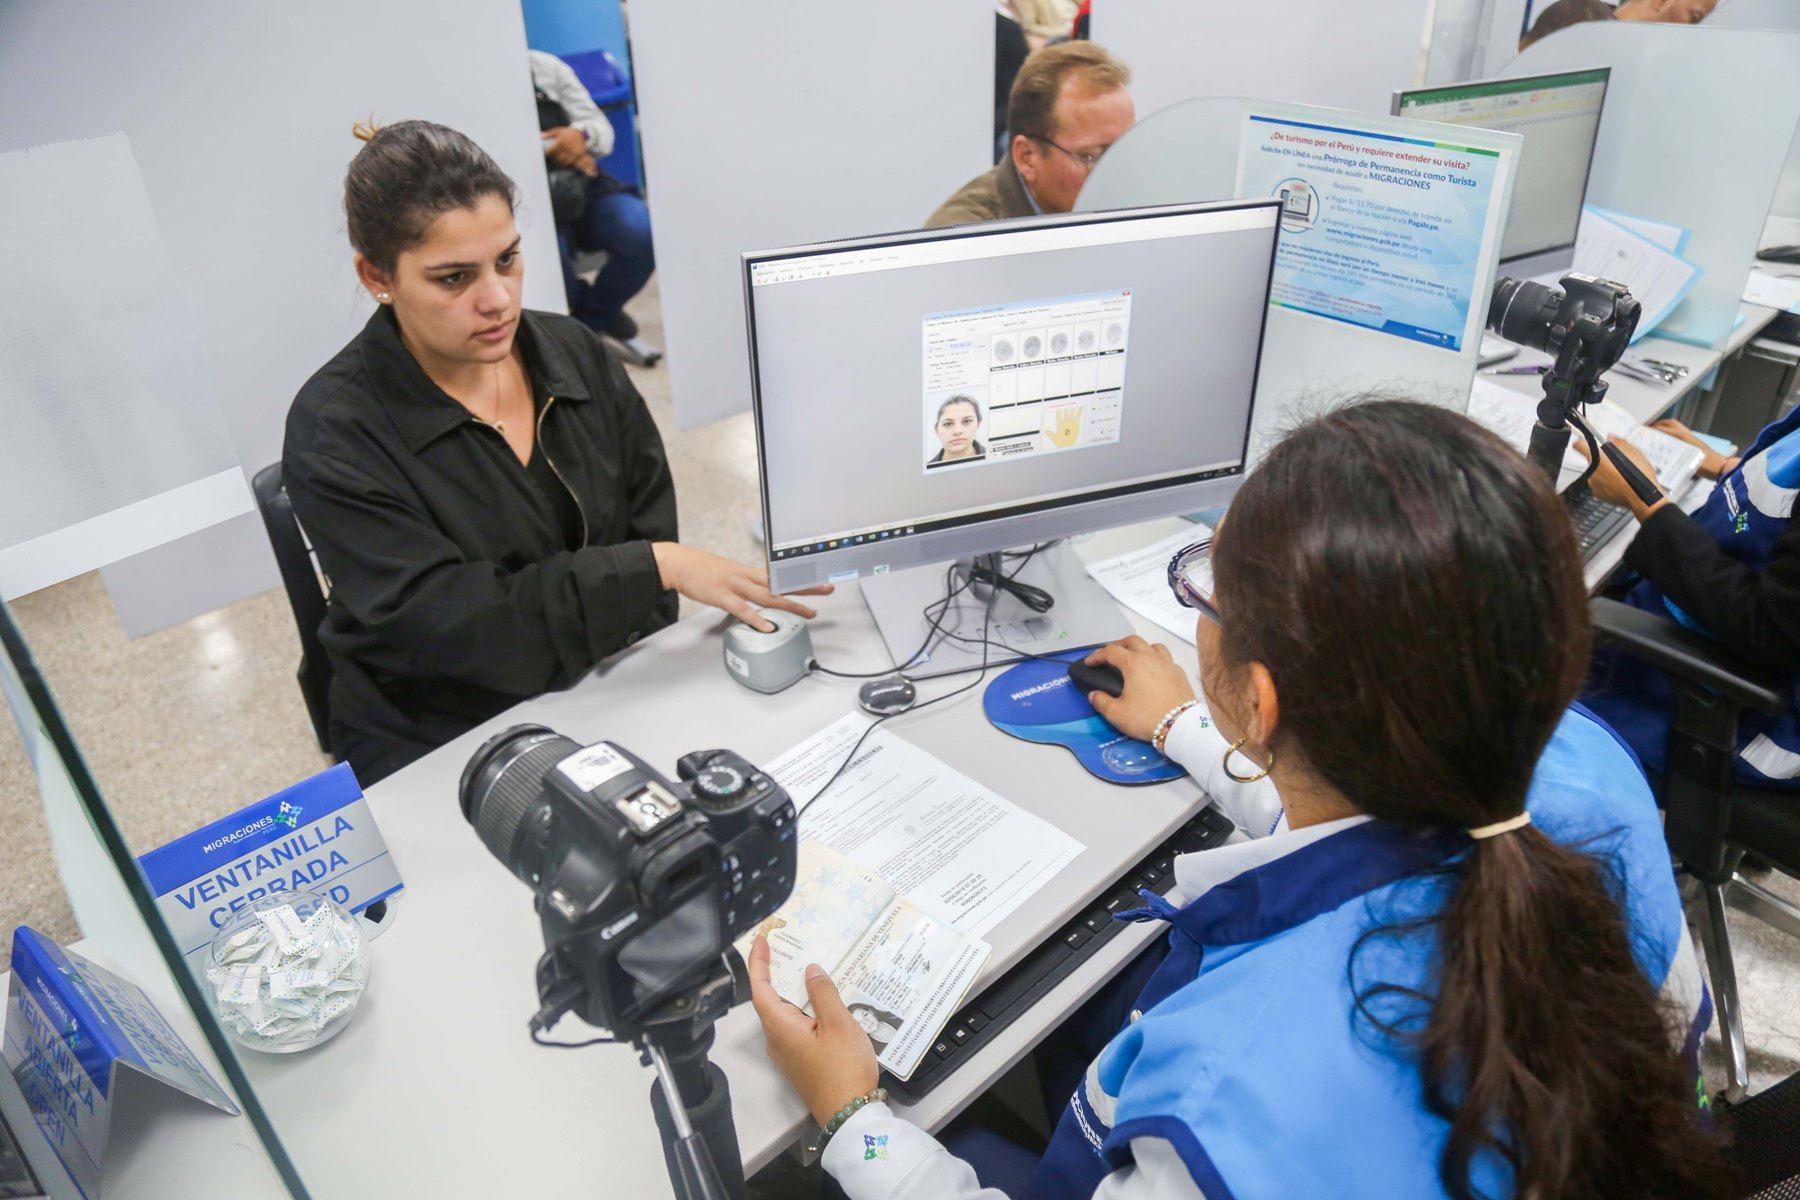 Migraciones inició atención las 24 horas a extranjeros en su sede central de Breña. Foto: ANDINA/Difusión.